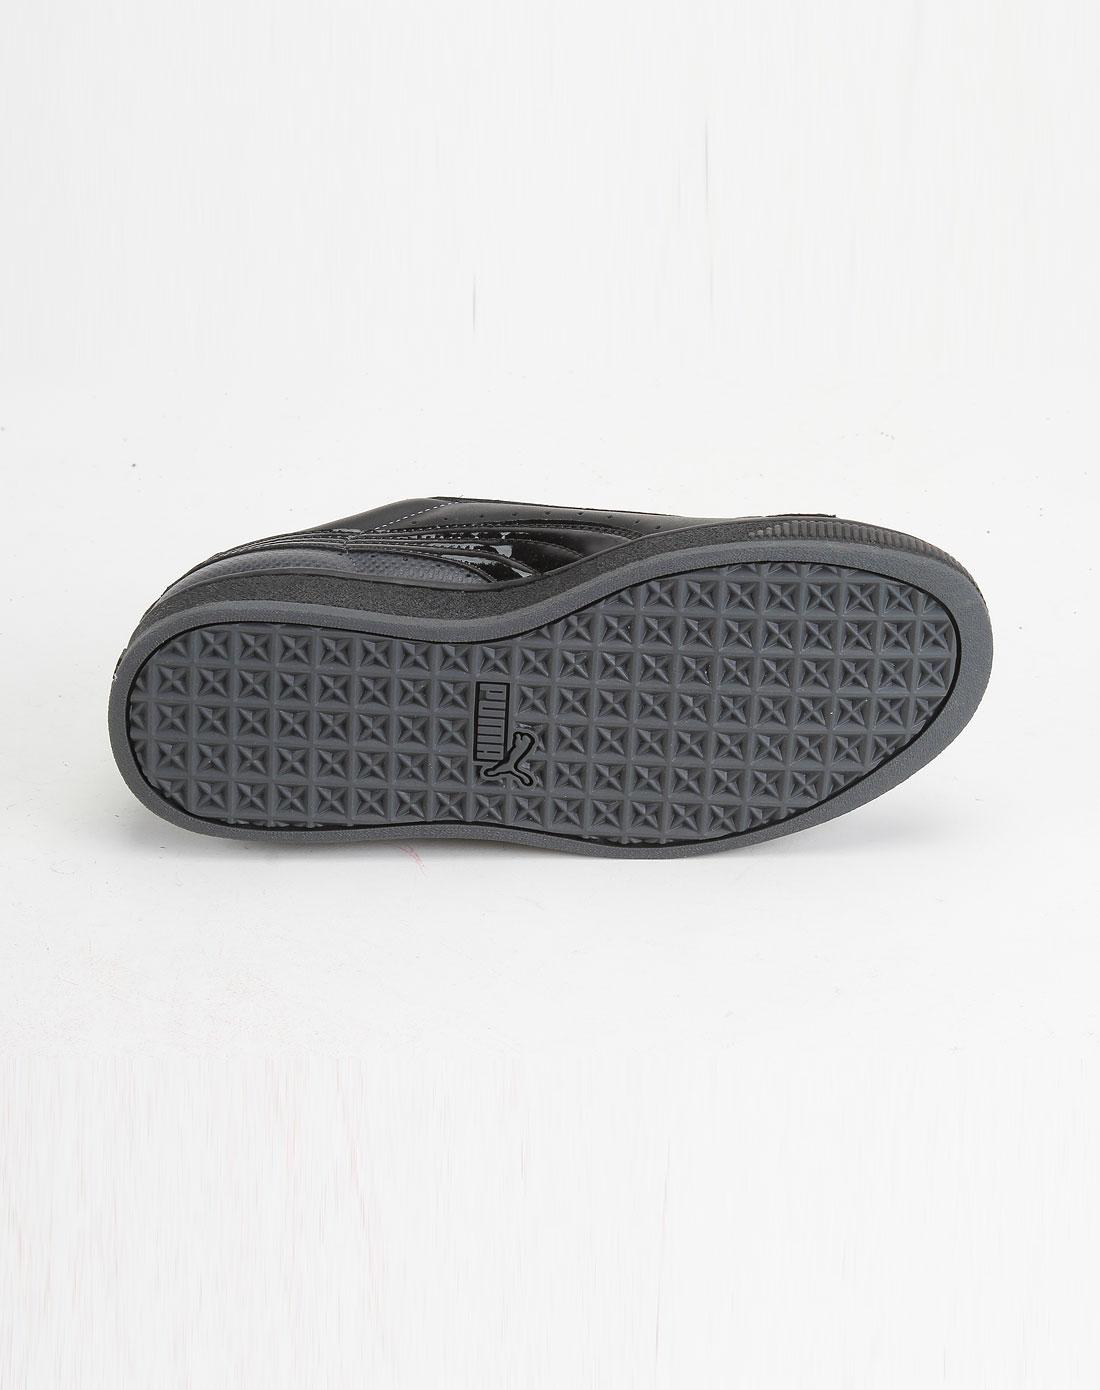 彪马puma黑/灰色绑带休闲鞋